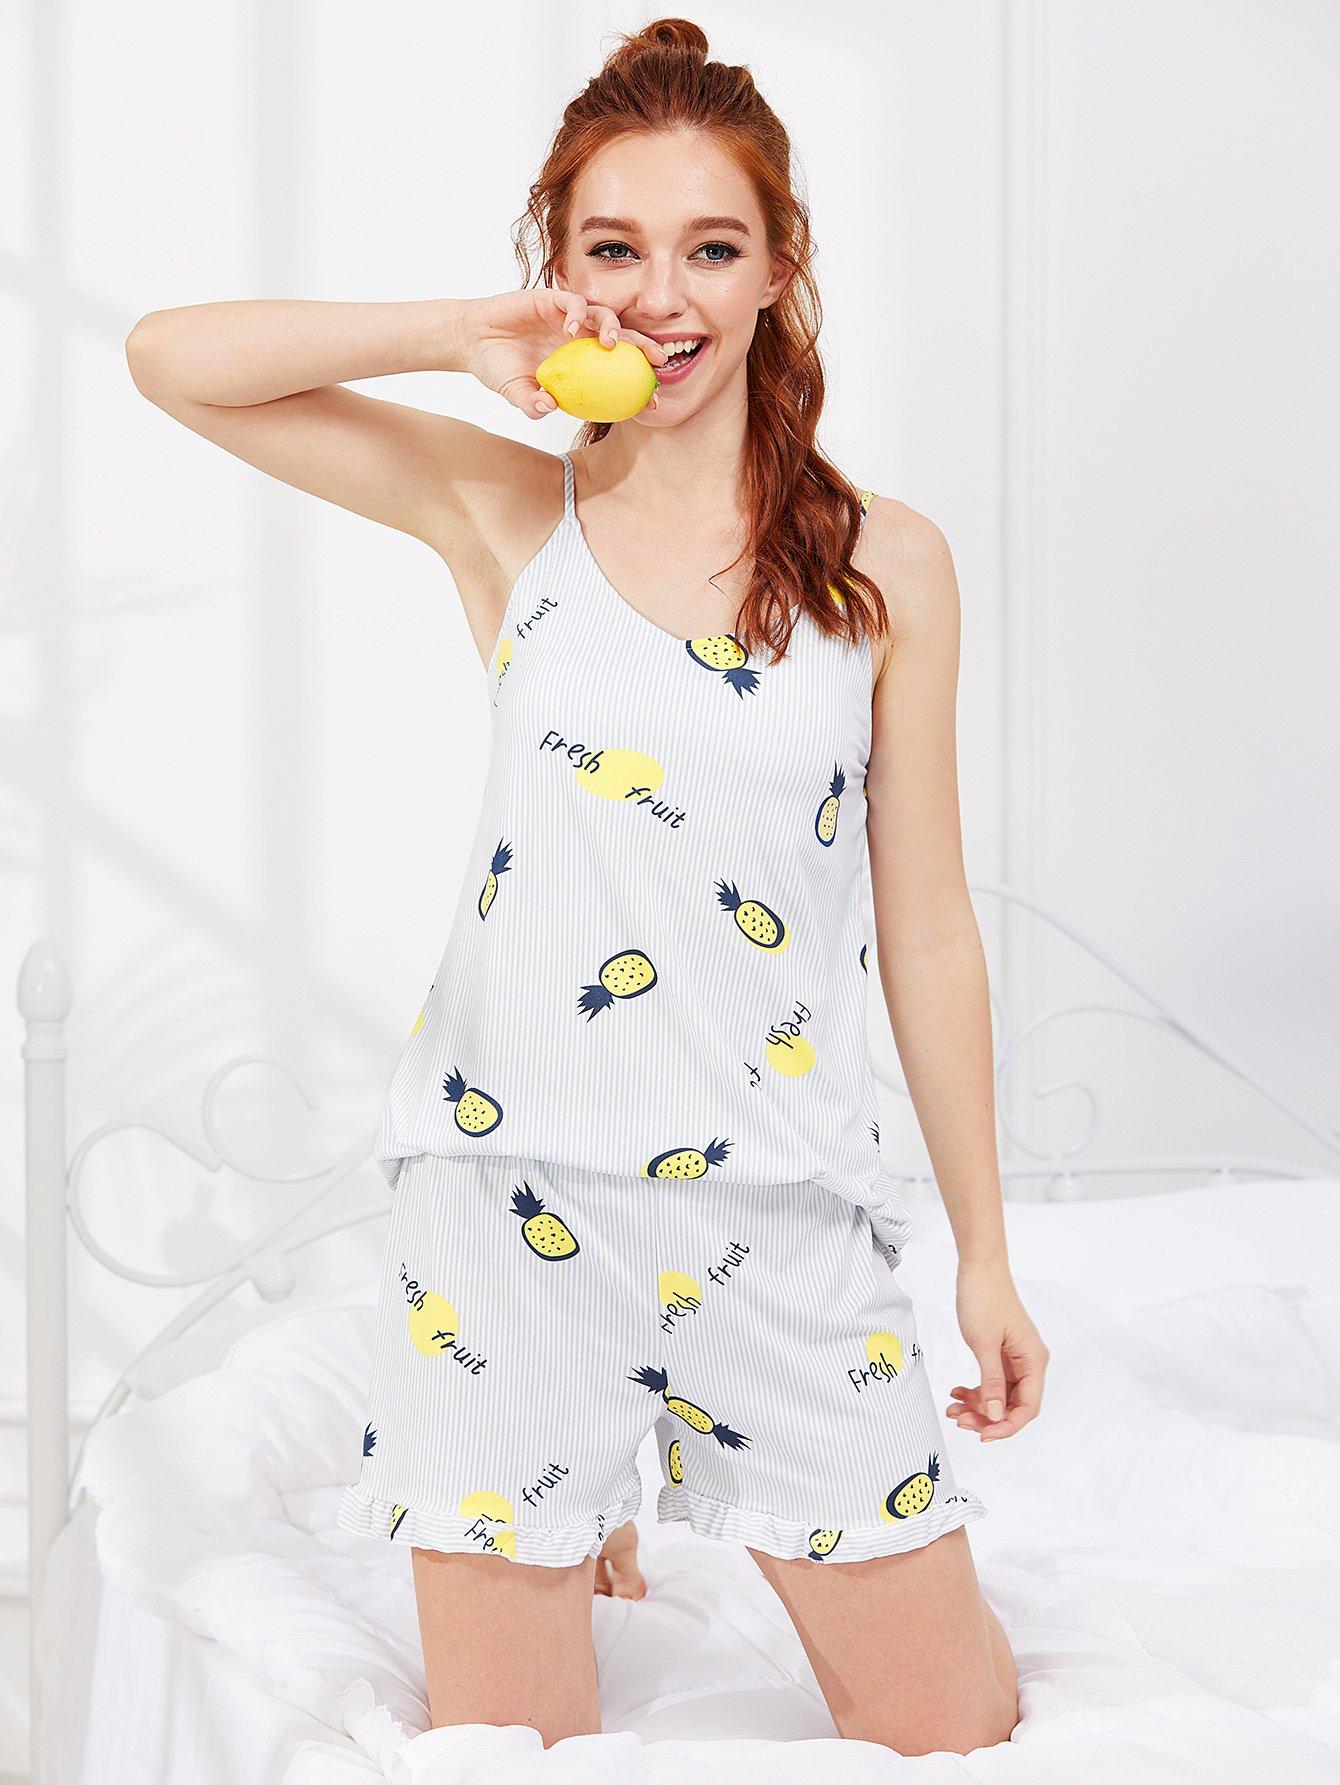 Pineapple Print Cami Top & Shorts PJ Set exmork 100 вт 12 в poly si